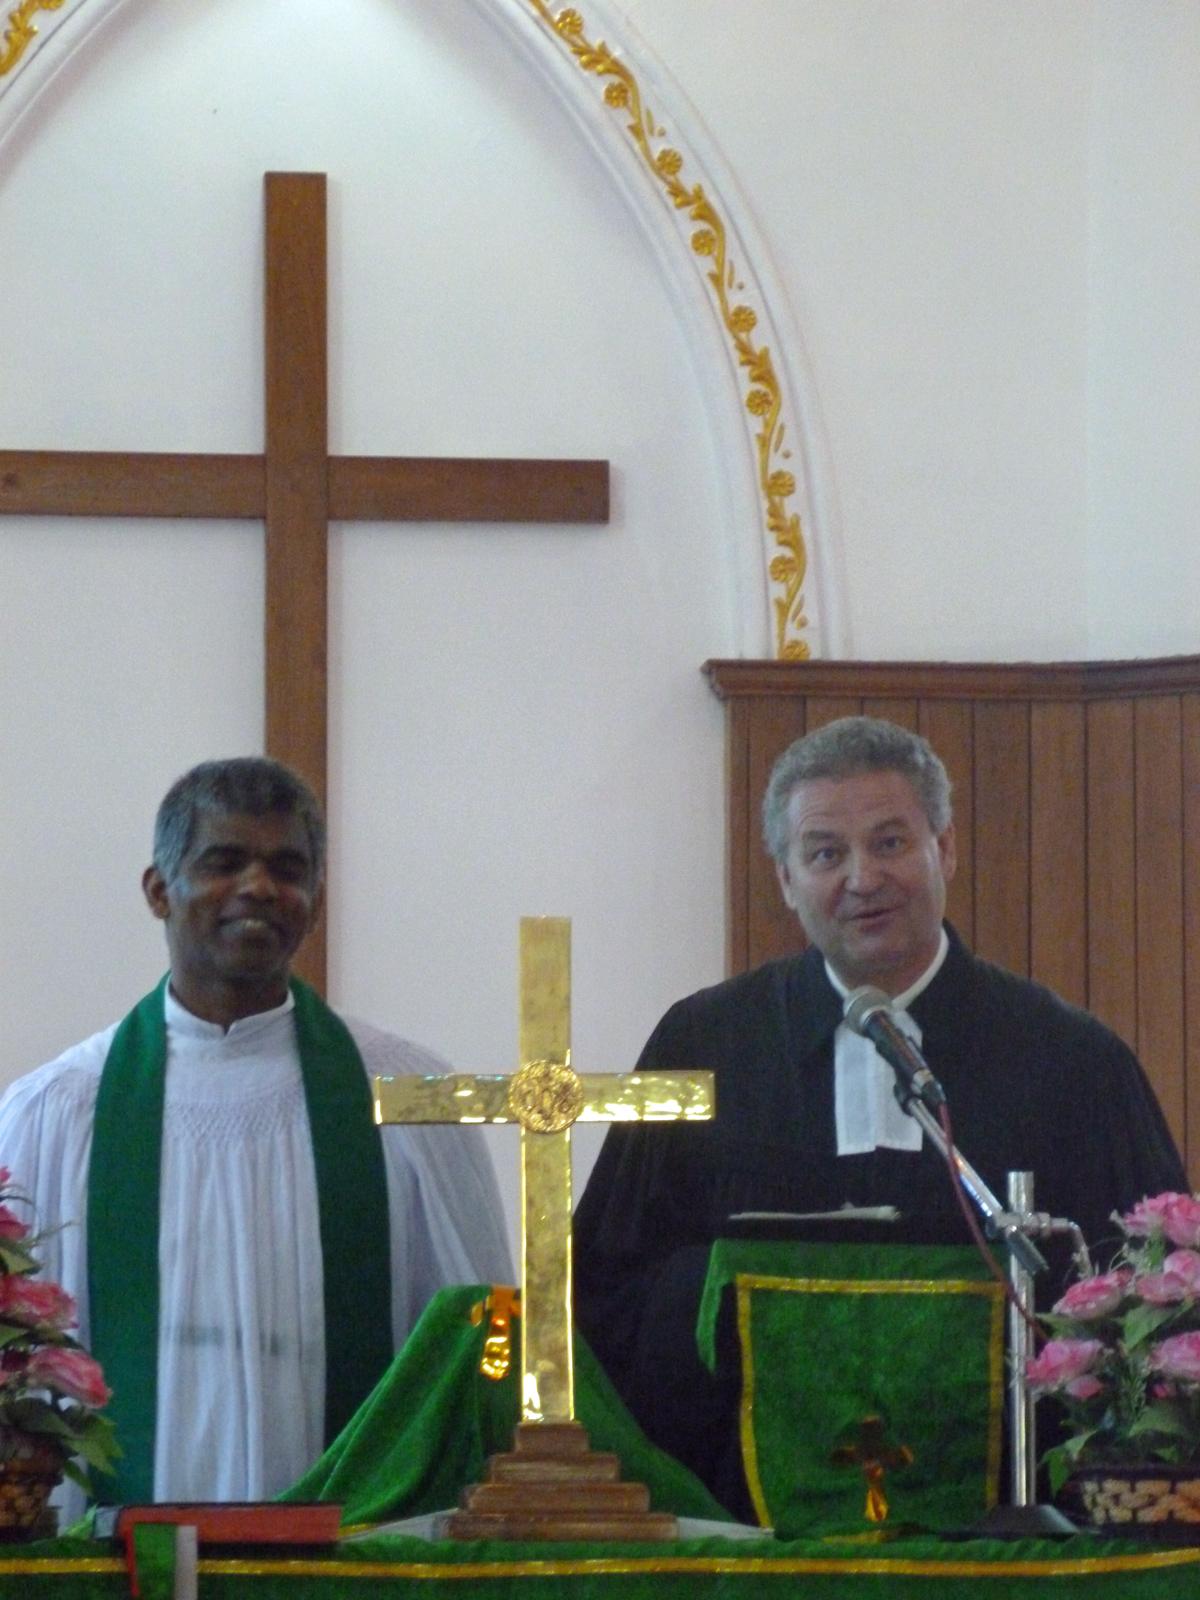 Pfarrer Markus Christ und Rev. Biju Joseph, Ortspfarrer von Edamala, während der Sonntagspredigt  in der St. Peters Church in Edamala. Foto: MArkus Christ